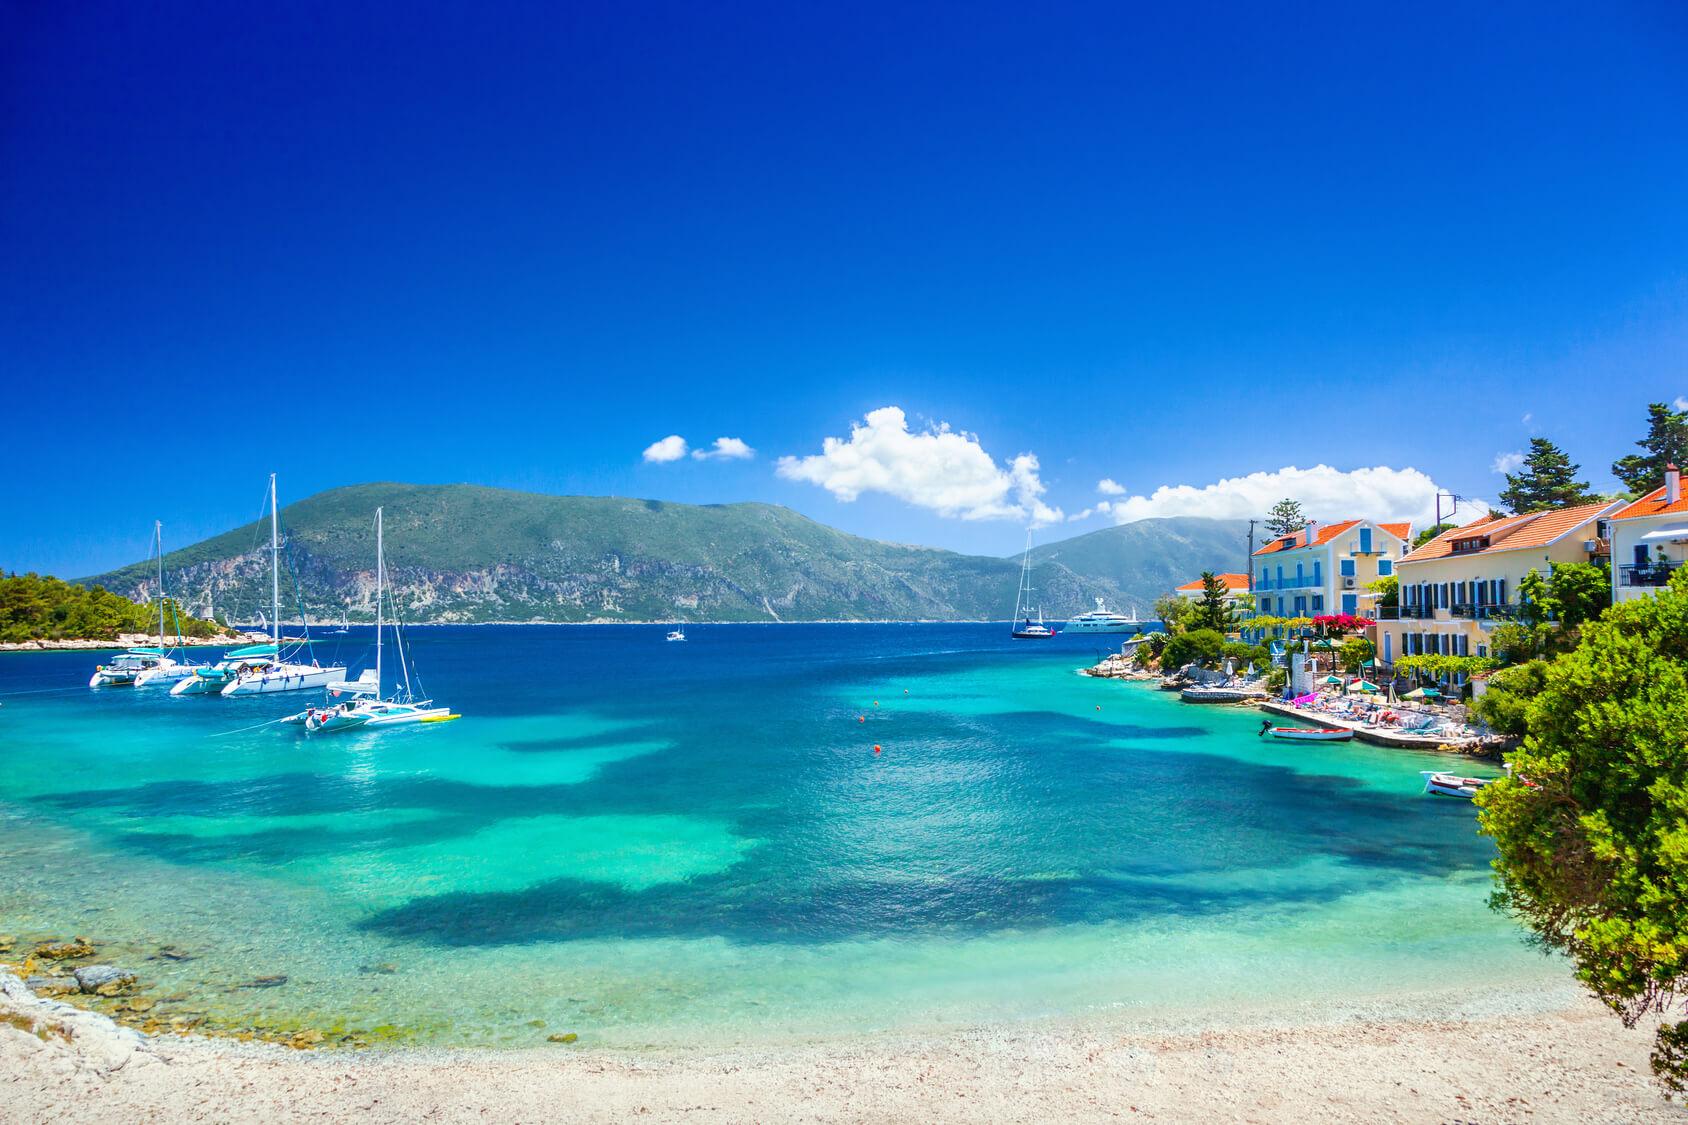 boot huren Lefkas, mooiste eilanden Griekenland, catamaran huren, zeilboot huren, mooiste stranden, perfect voor een zeilvakantie griekenland